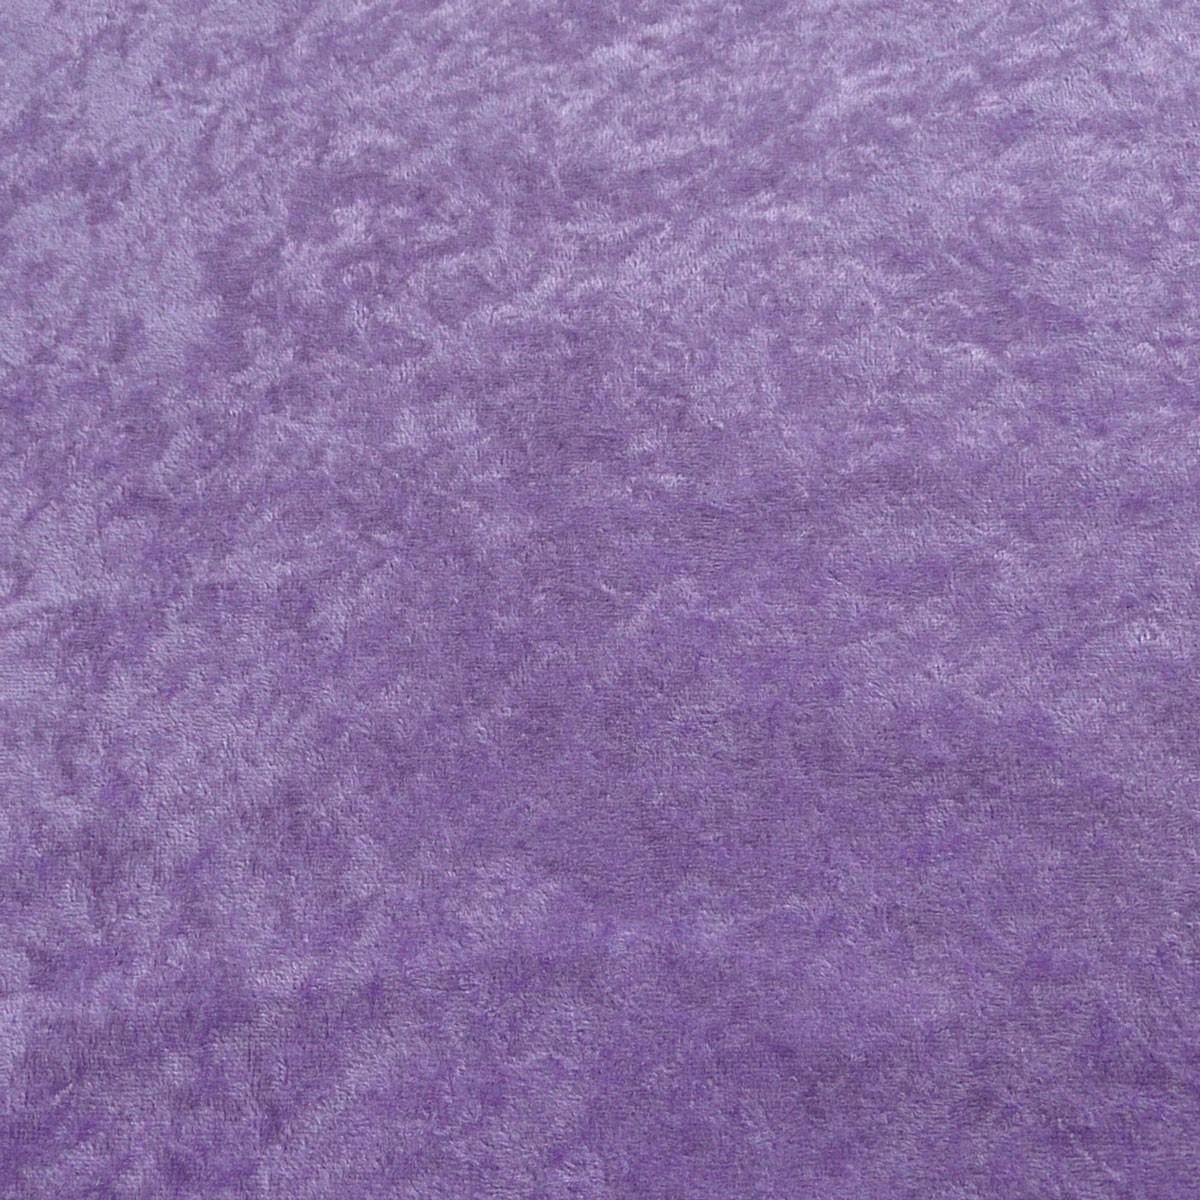 Samtstoff Kreativstoff Pannesamt einfarbig flieder 1,5m